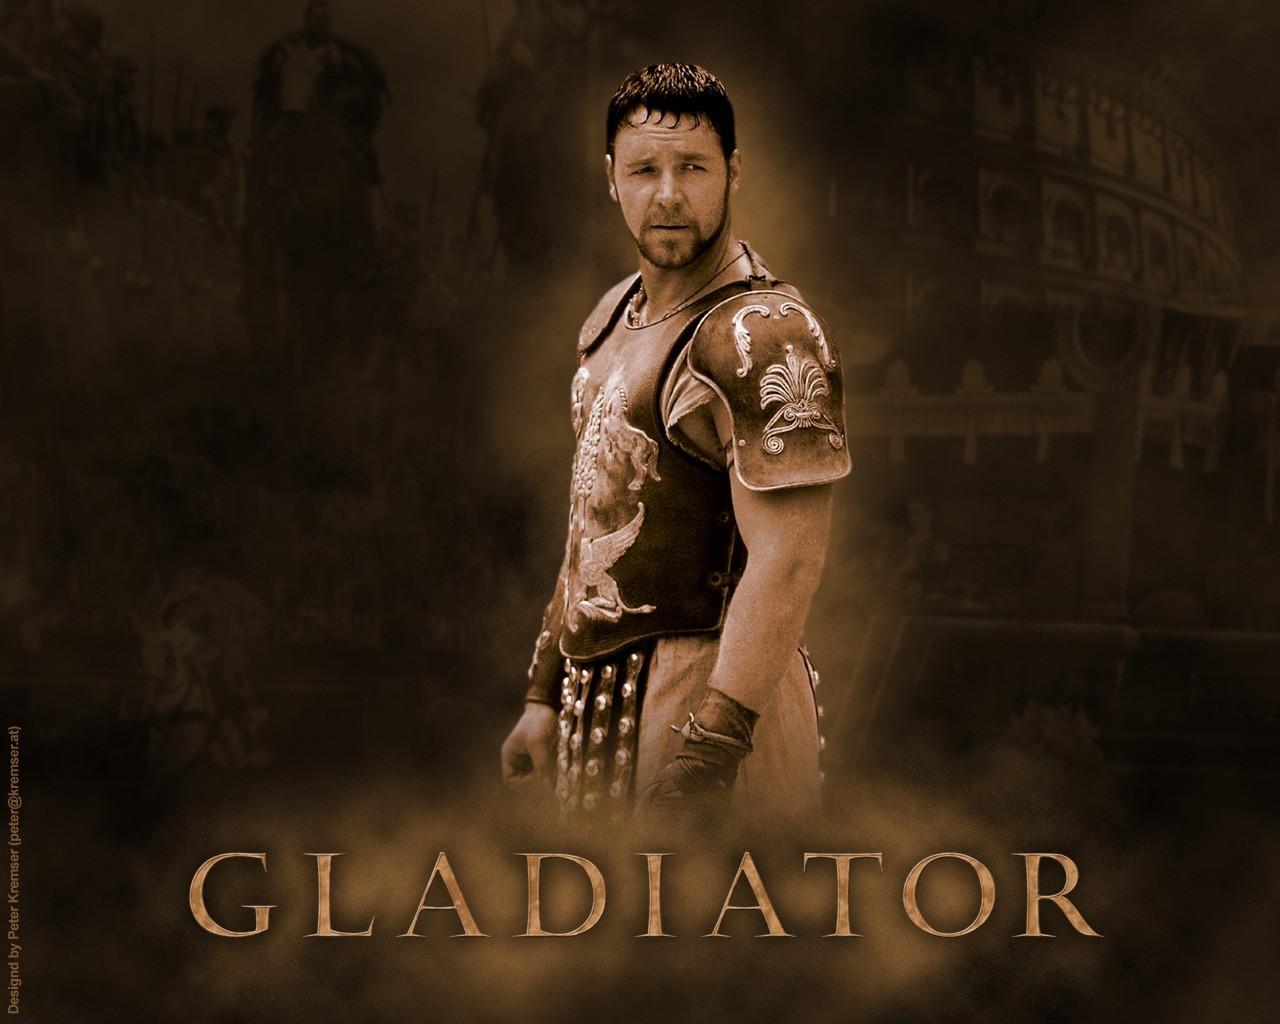 http://4.bp.blogspot.com/-MpwXlJKmCXU/TaBmfPTX7UI/AAAAAAAAAIU/6DVCdJMHJAo/s1600/Gladiator_017.jpg